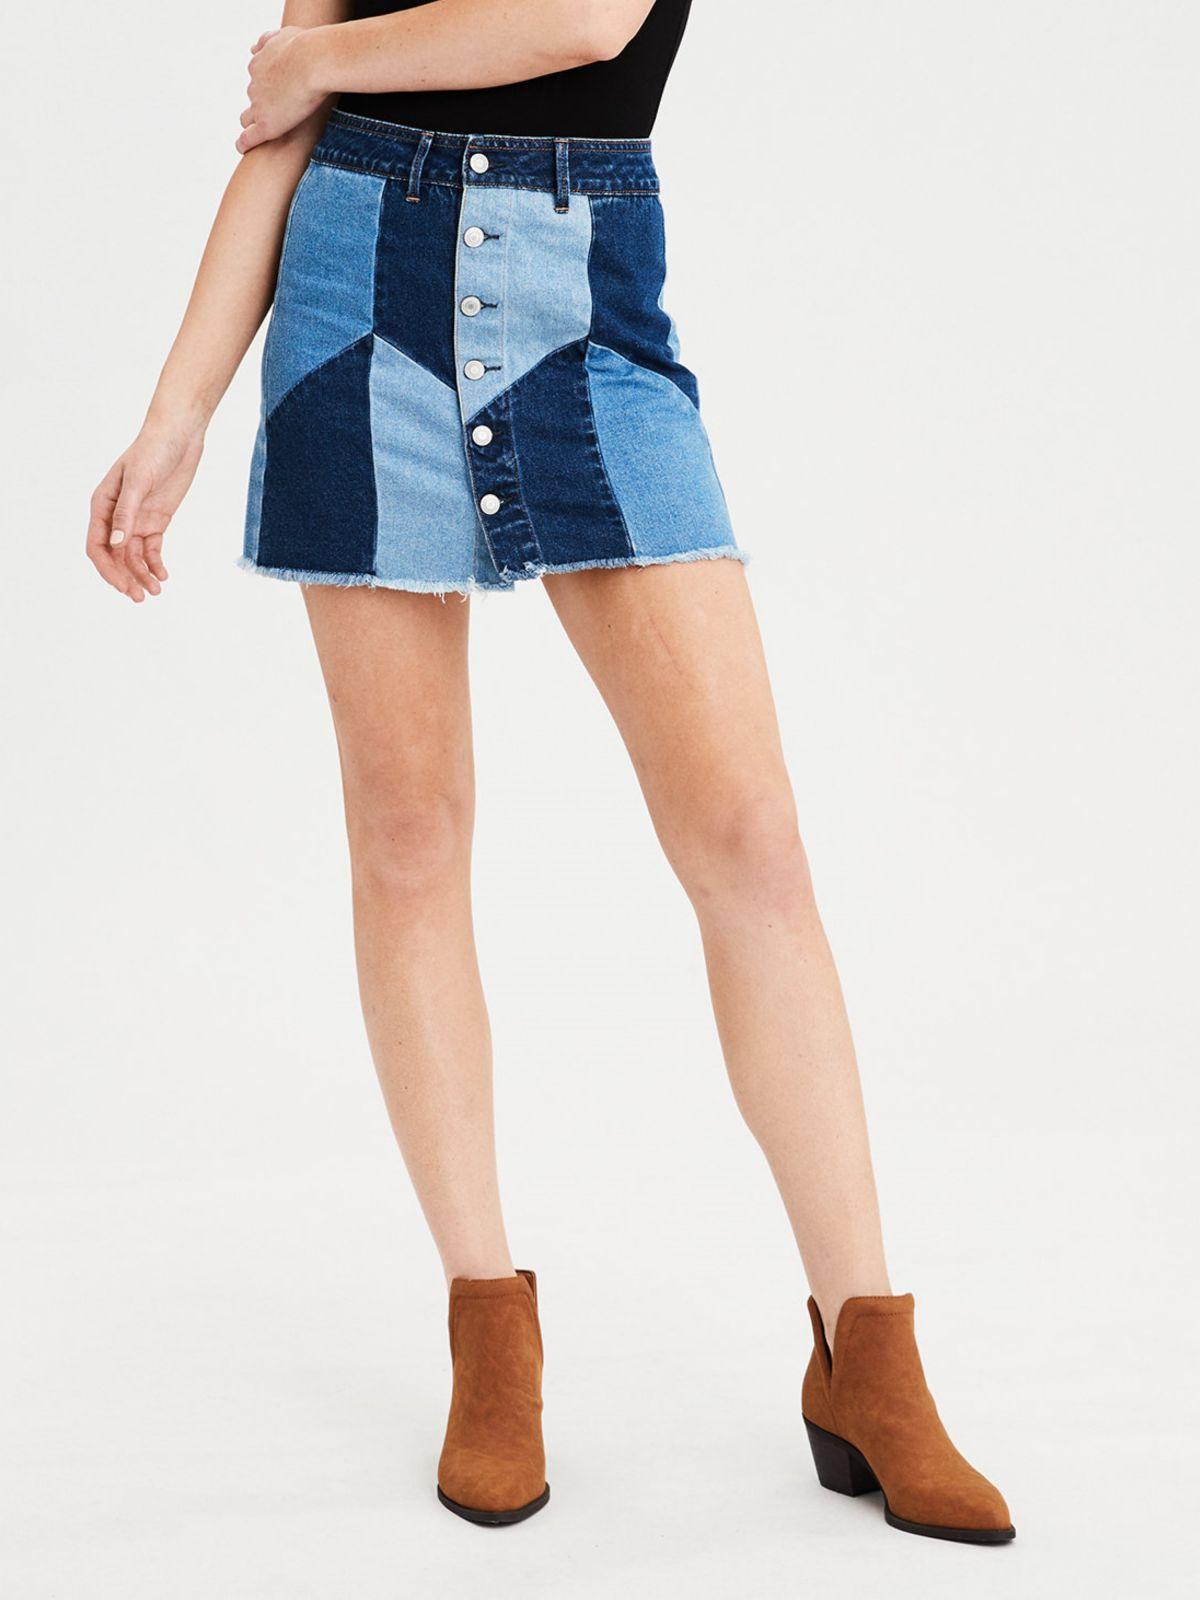 חצאית ג'ינס מיני מכופתרת מולטי פאץ'חצאית ג'ינס מיני מכופתרת מולטי פאץ' של AMERICAN EAGLE